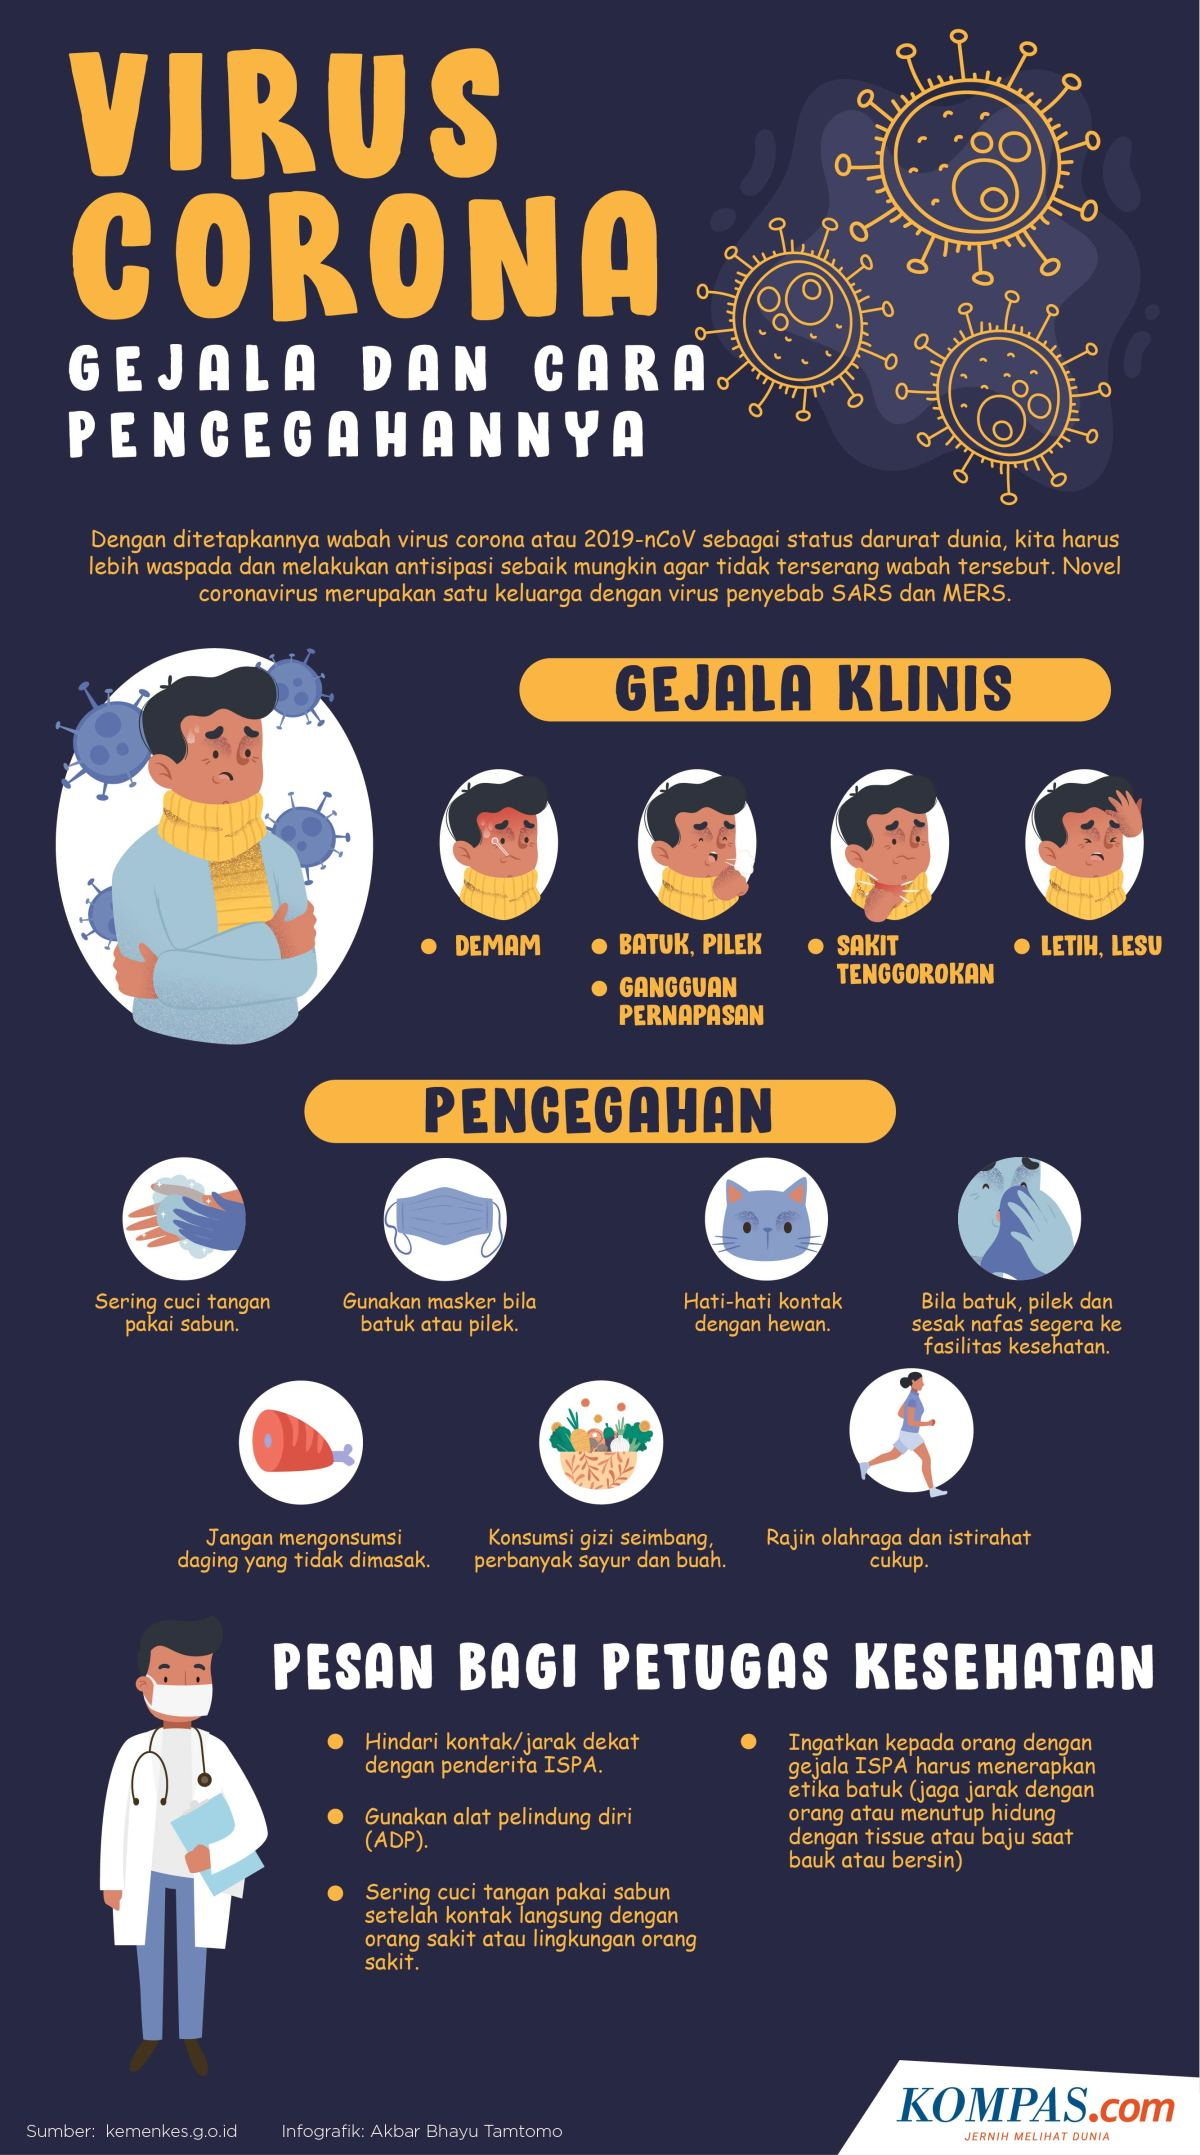 Corona di Indonesia